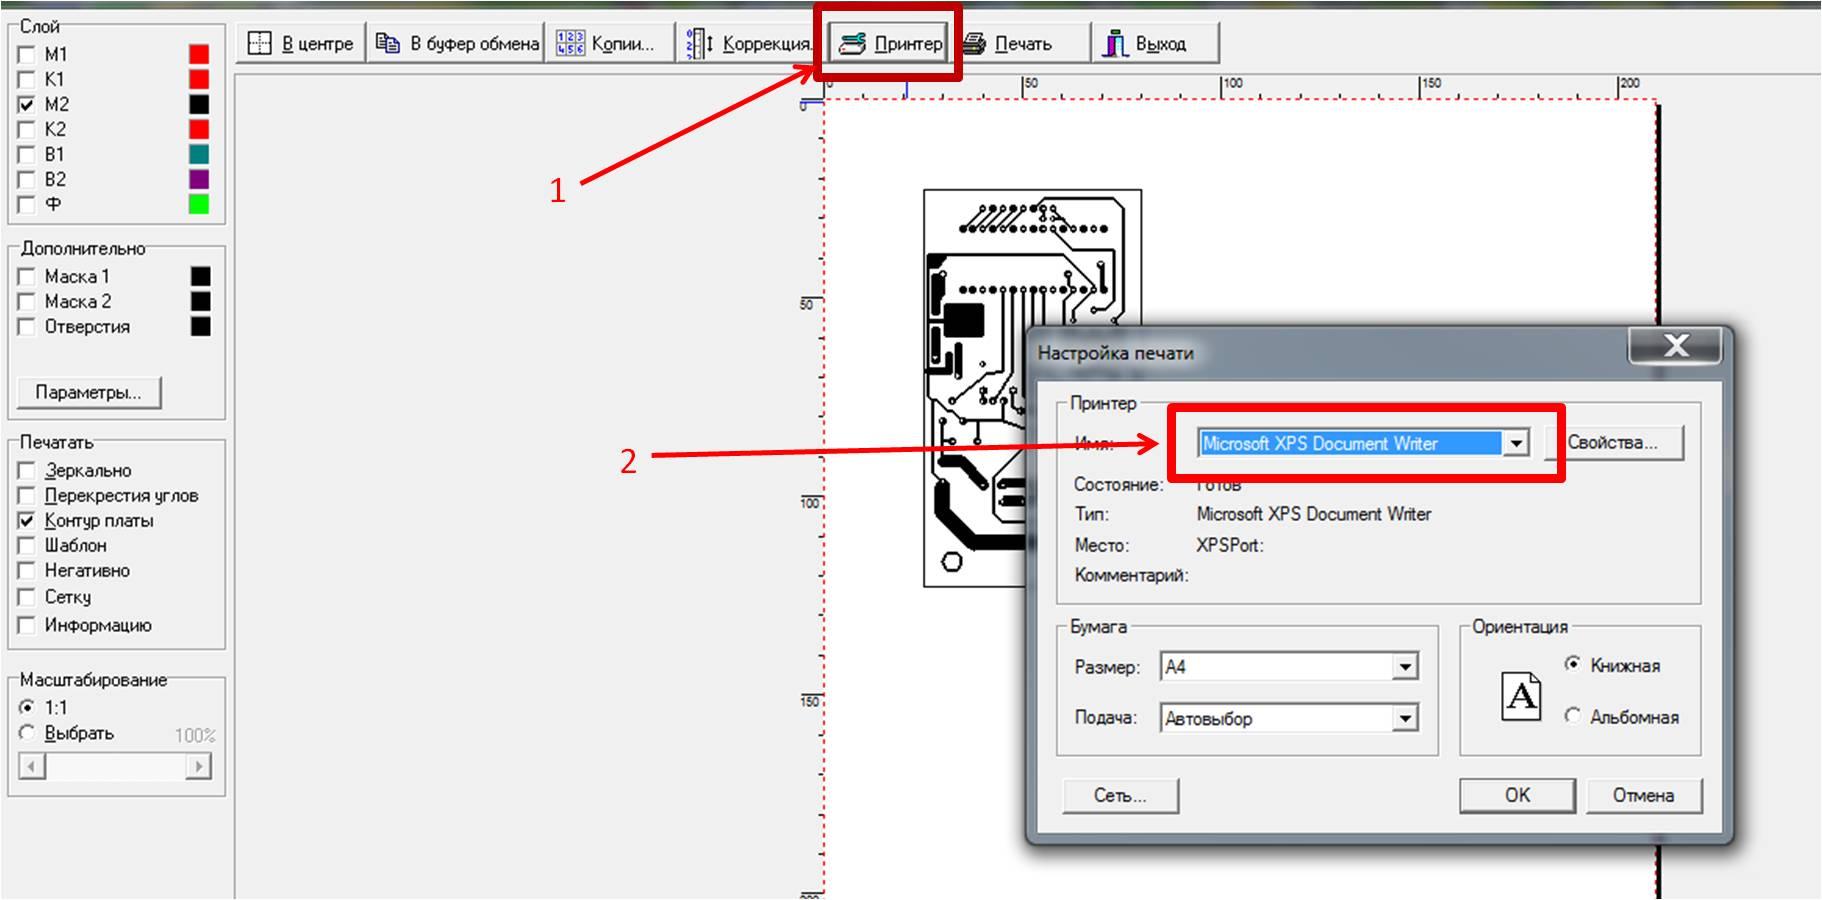 Как сделать так чтобы принтер не печатал прошлые документы